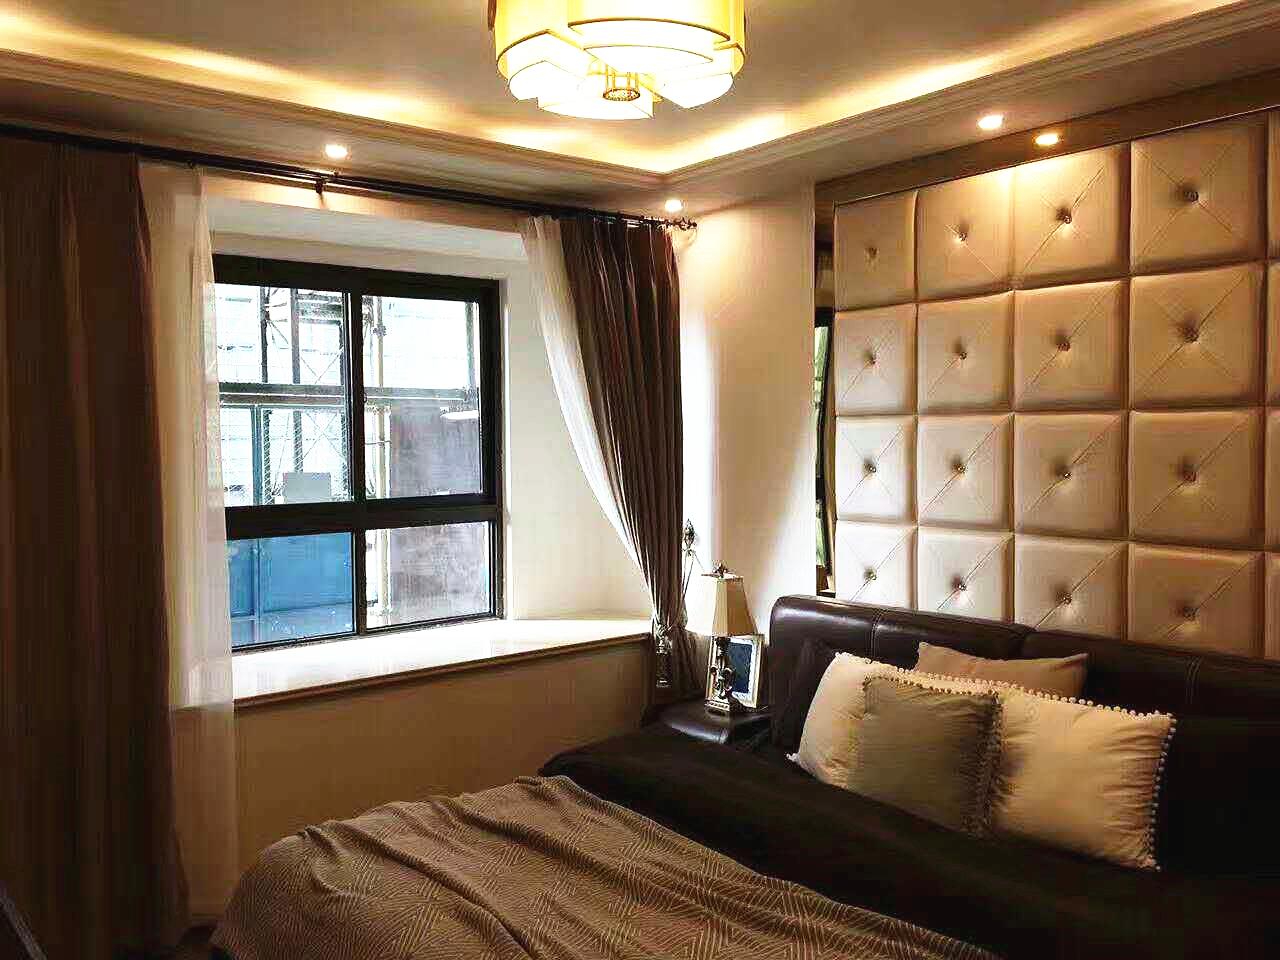 主卧床头延续客厅背景墙的装饰效果,深咖与浅咖相间的卧室,给人一种低调有内涵的印象。